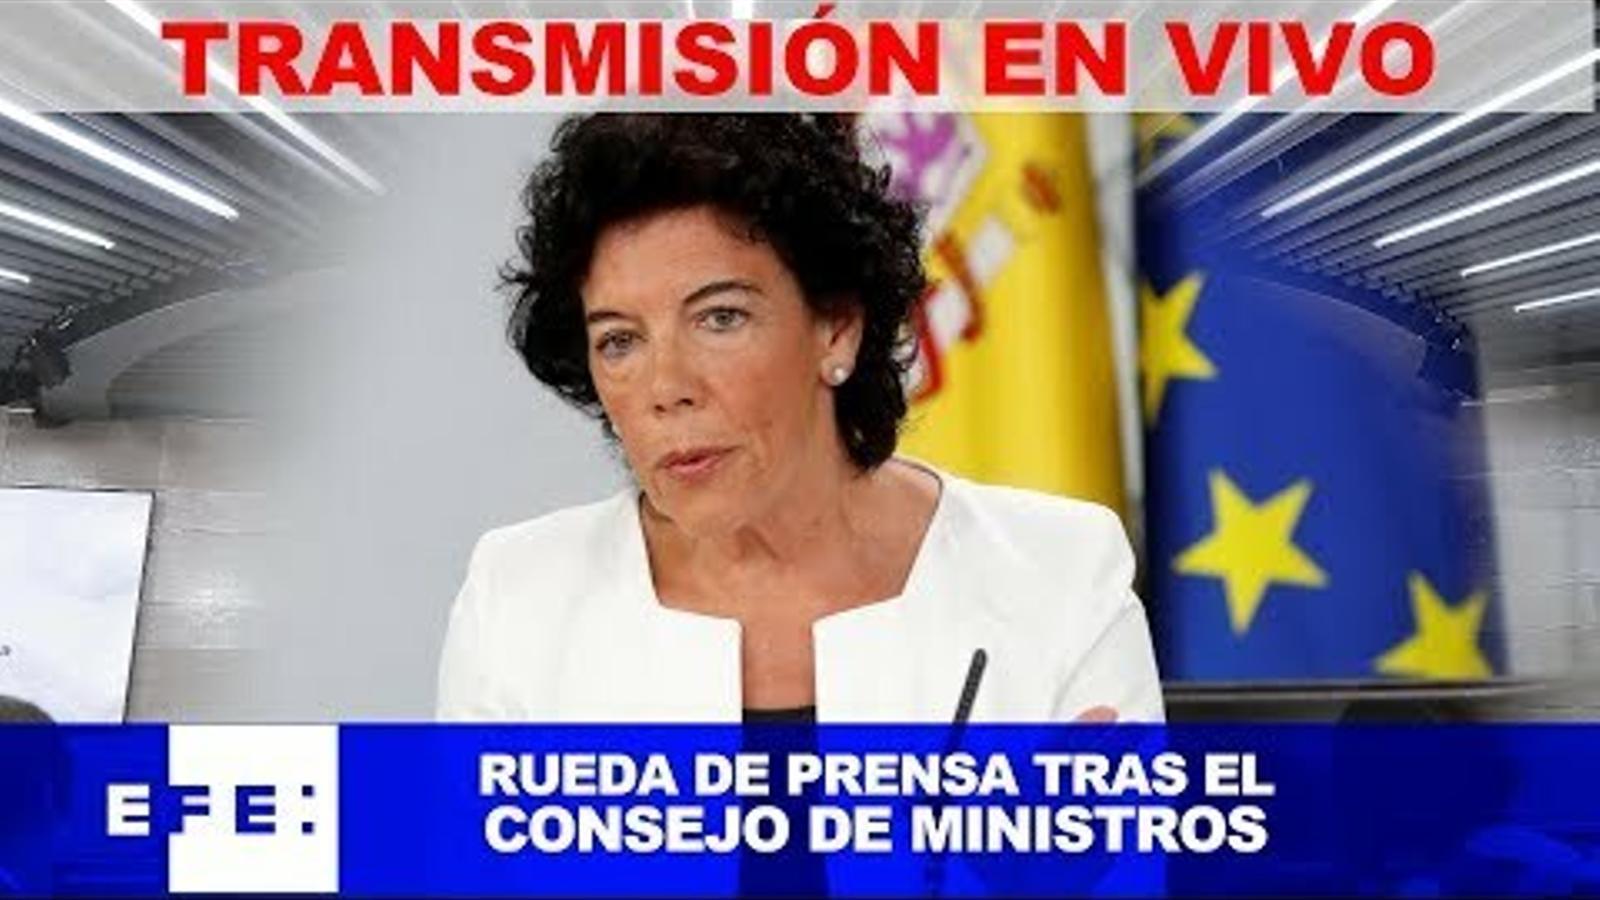 EN DIRECTE: La ministra portaveu, Isabel Celaá, explica els acords del Consell de ministres